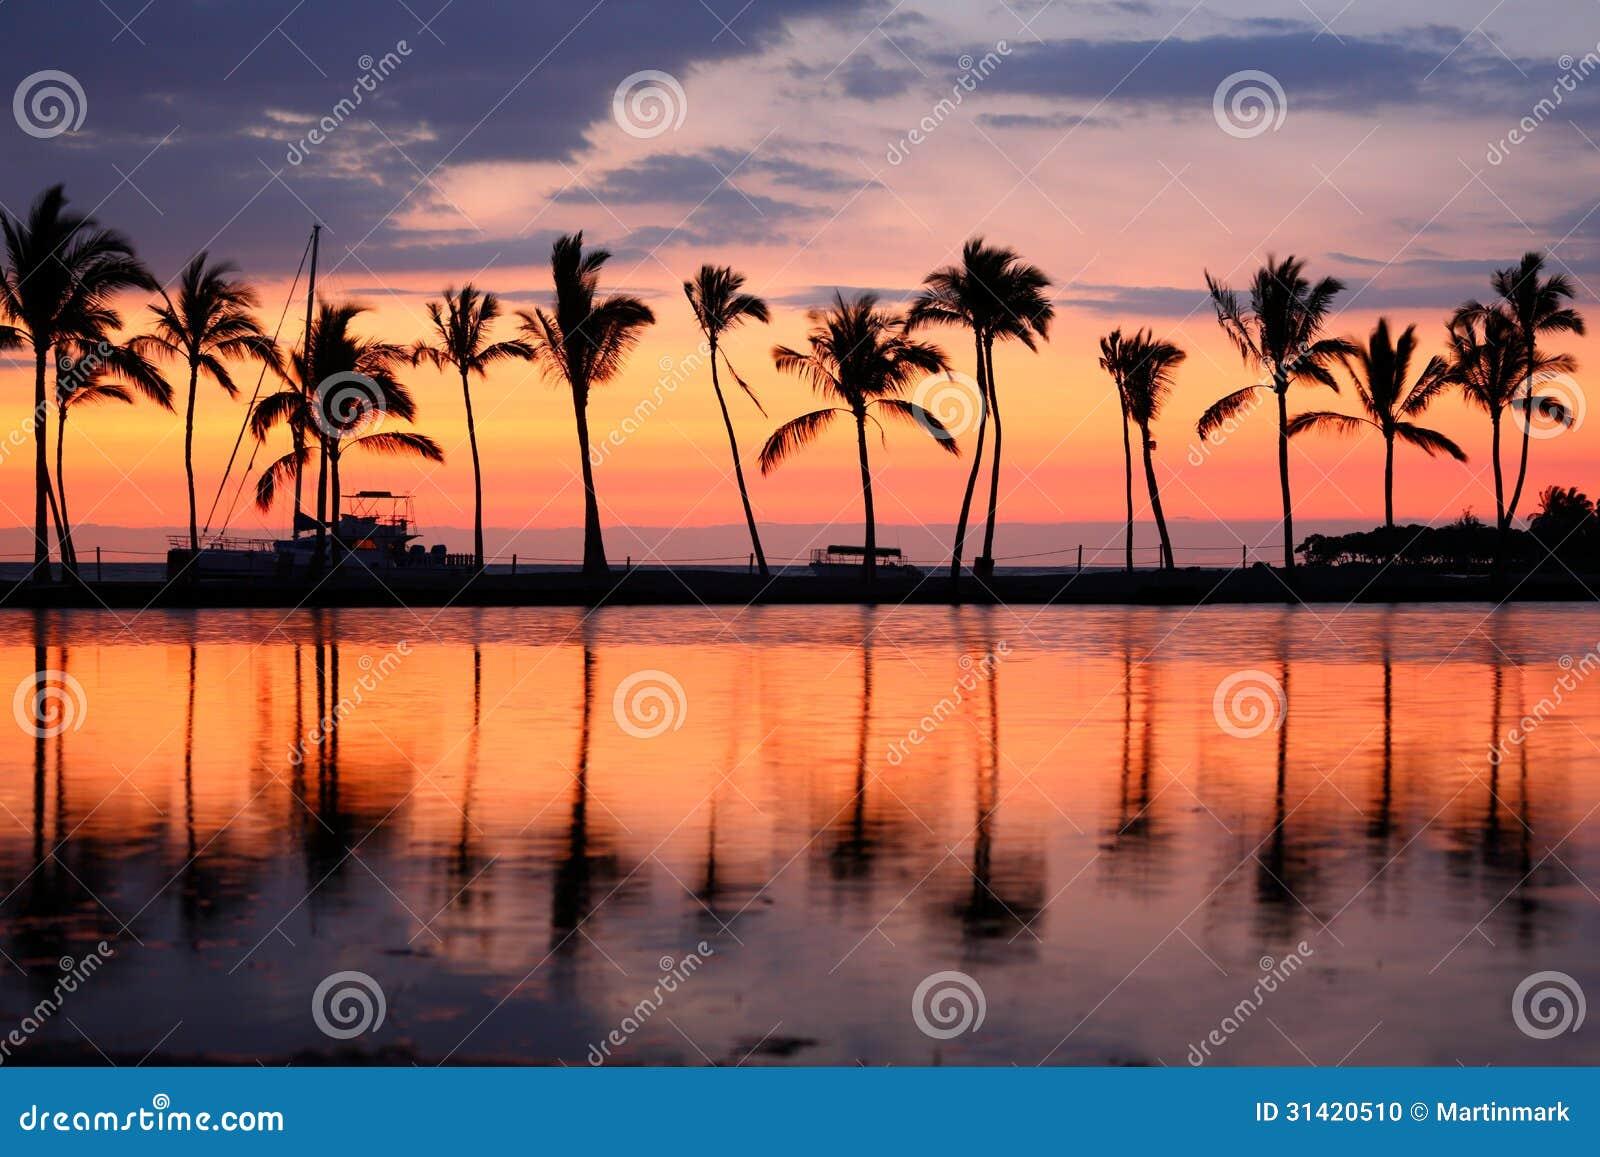 Palmeras tropicales de la puesta del sol de la playa del paraíso